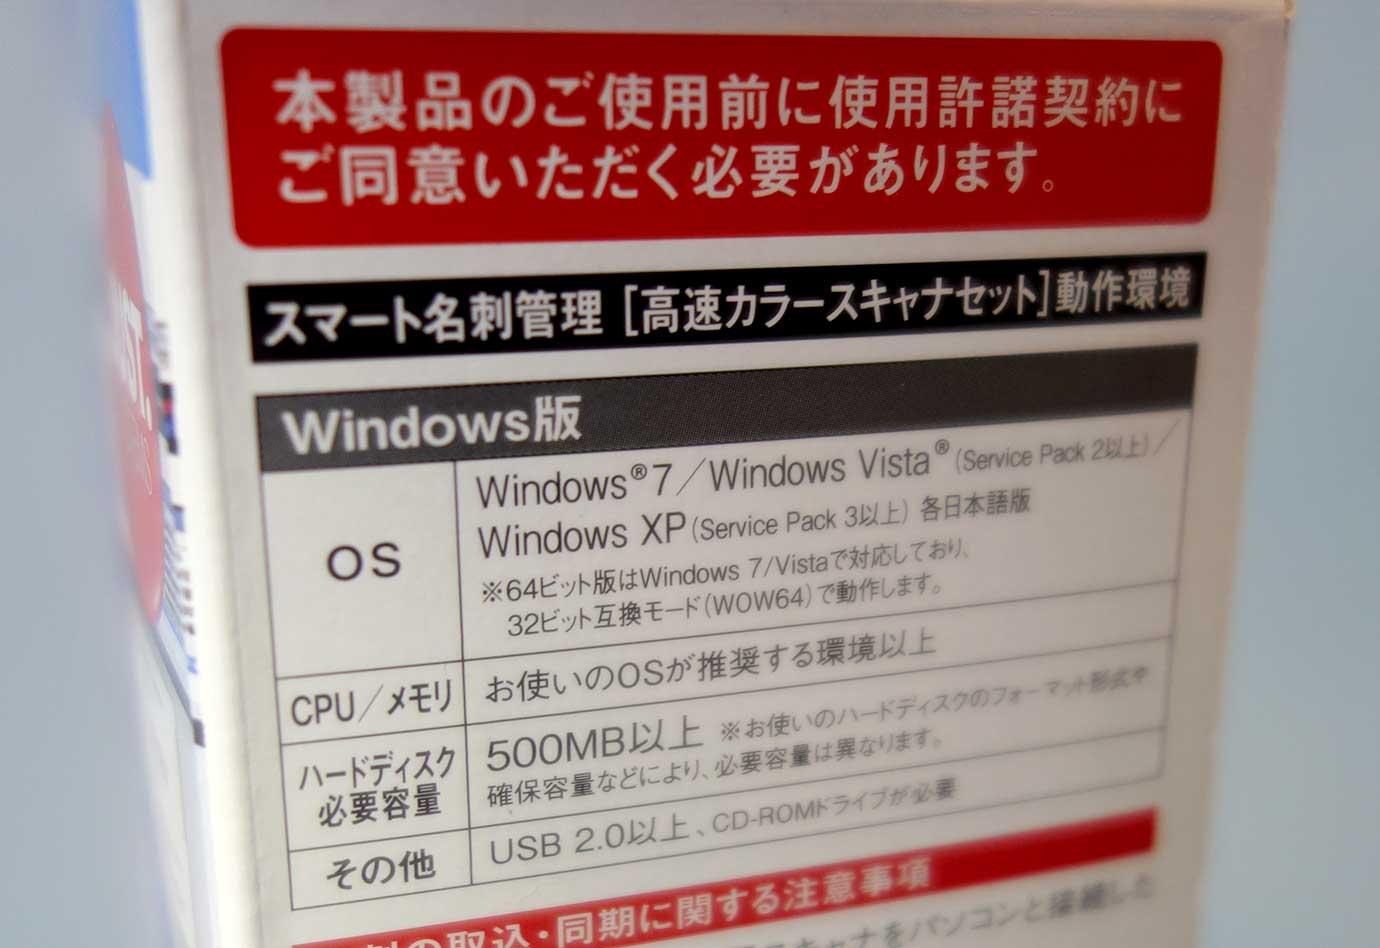 発売当時のパッケージ仕様表。当時はWindows XP(Service Pack 3以上)も対応範囲でした。